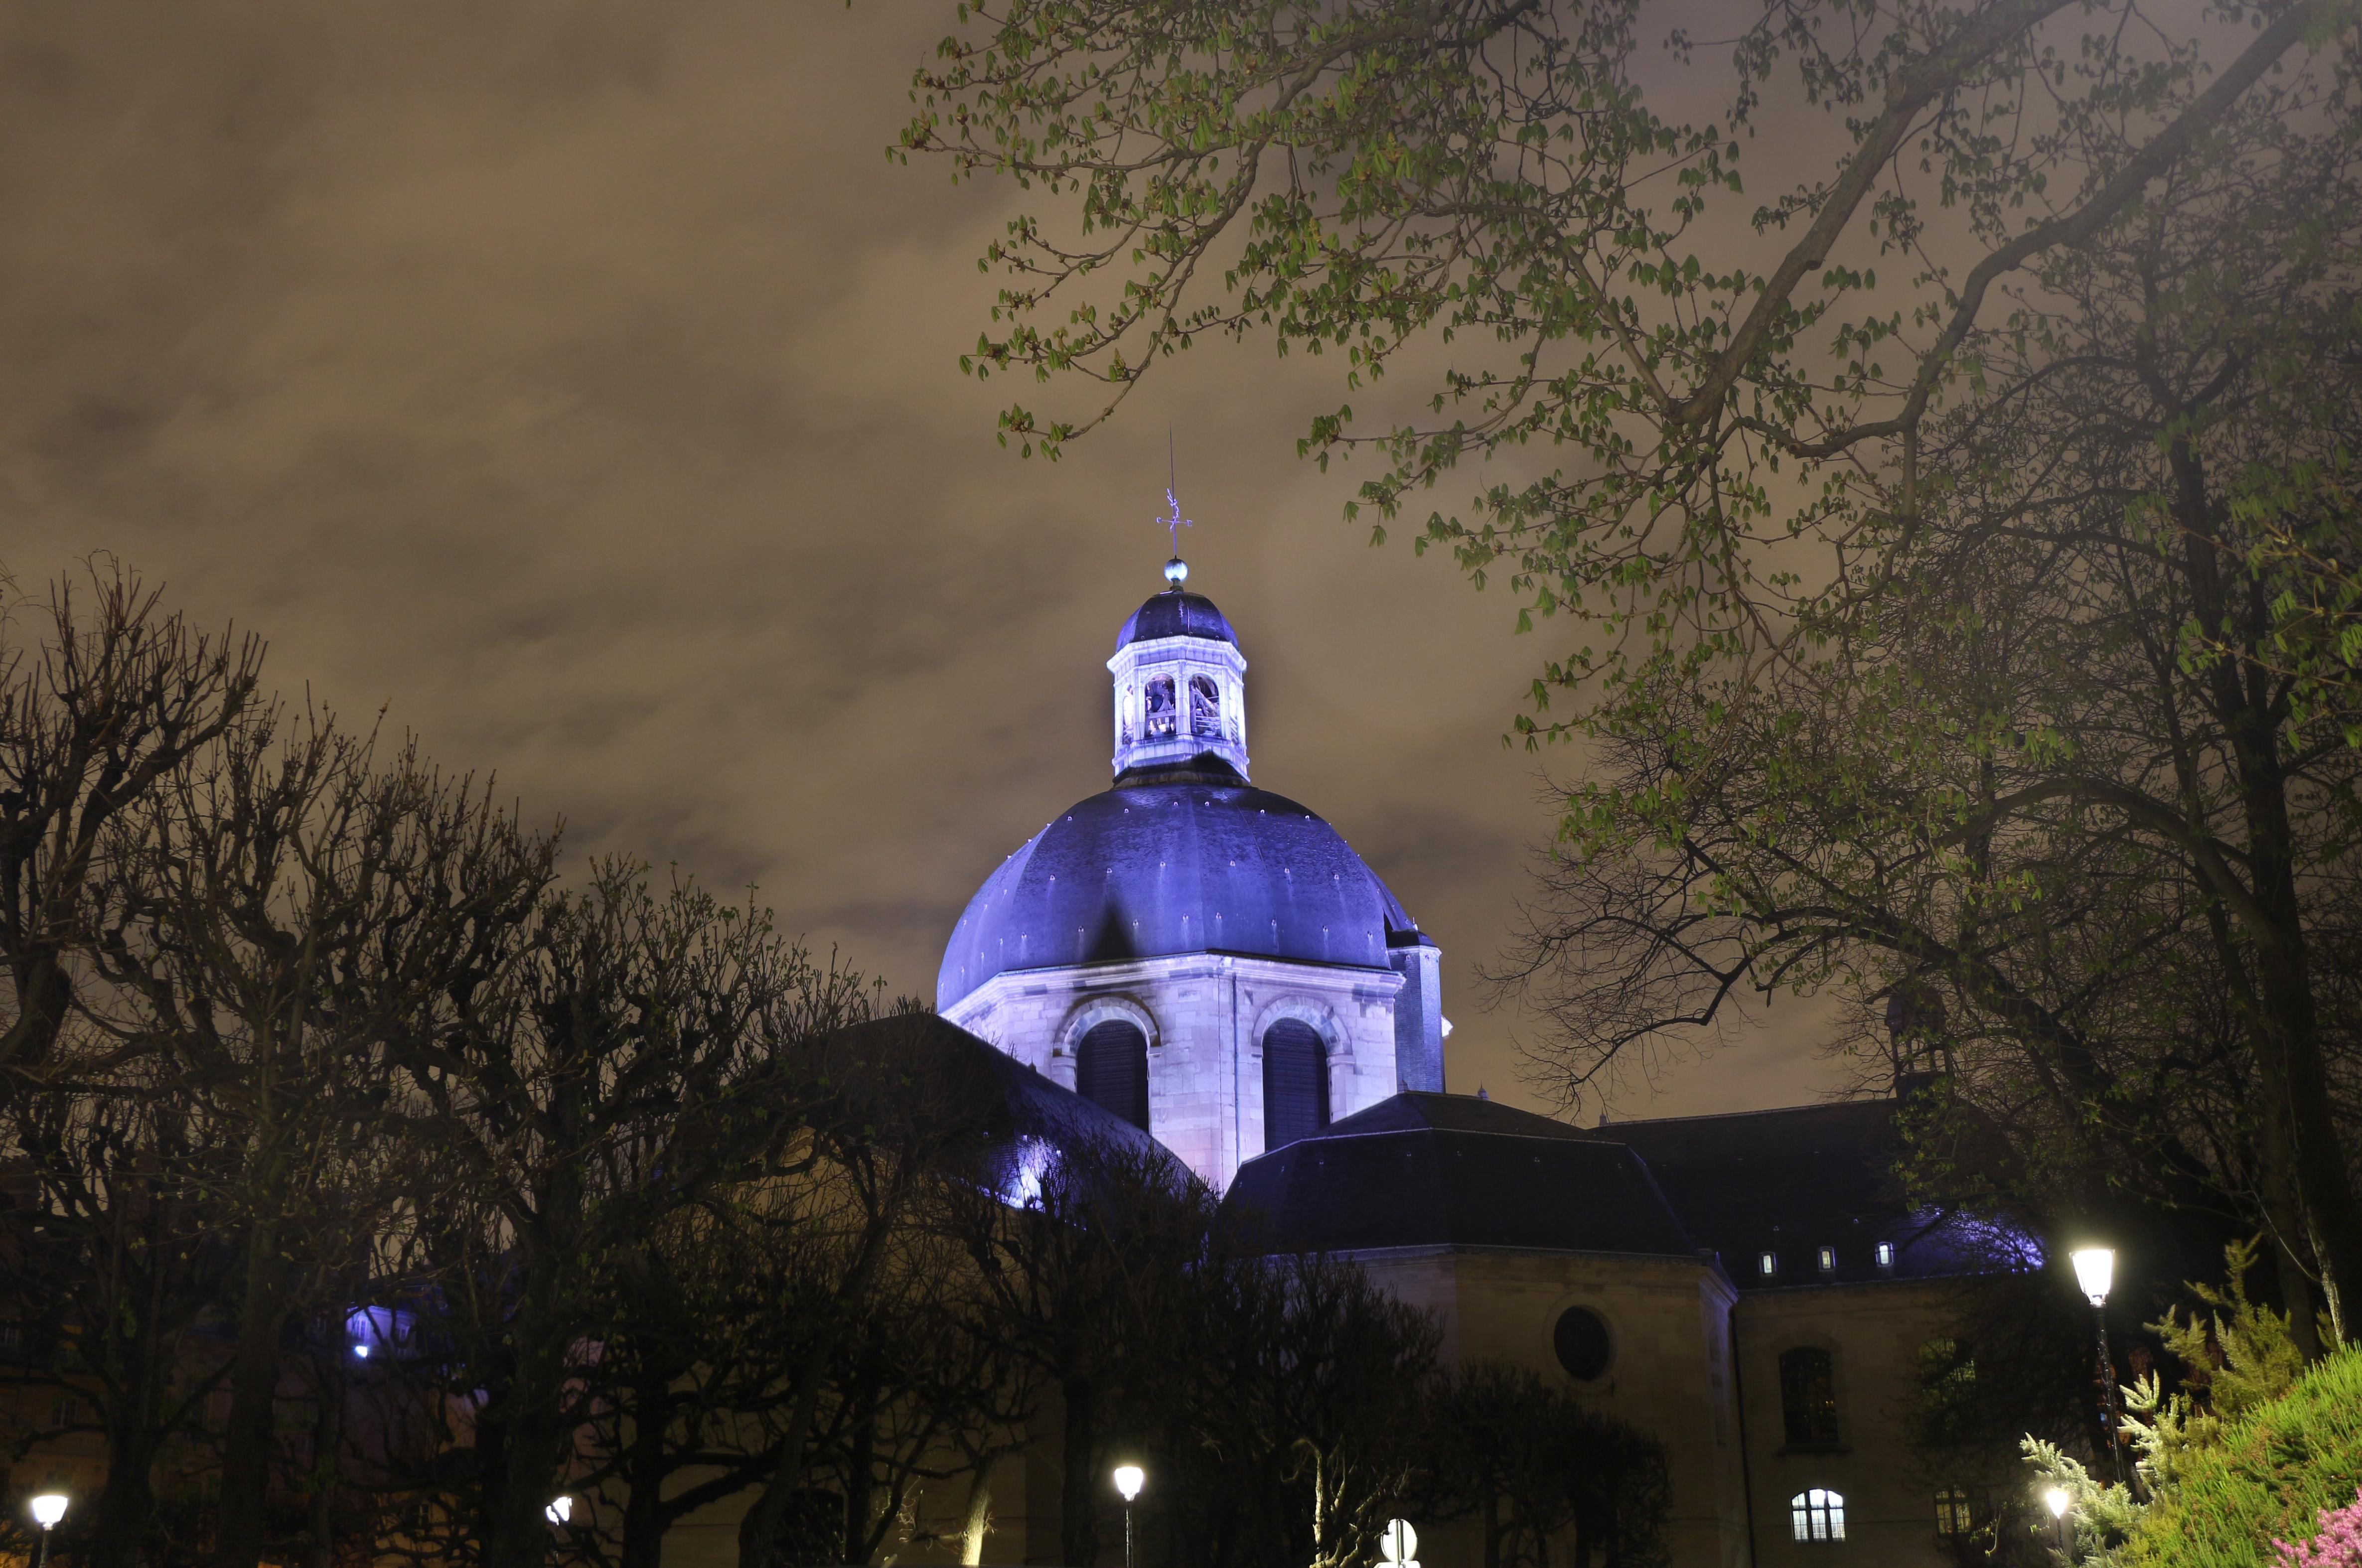 Mise en lumière dôme Chapelle Saint-Louis Pitié Salpêtrière 04